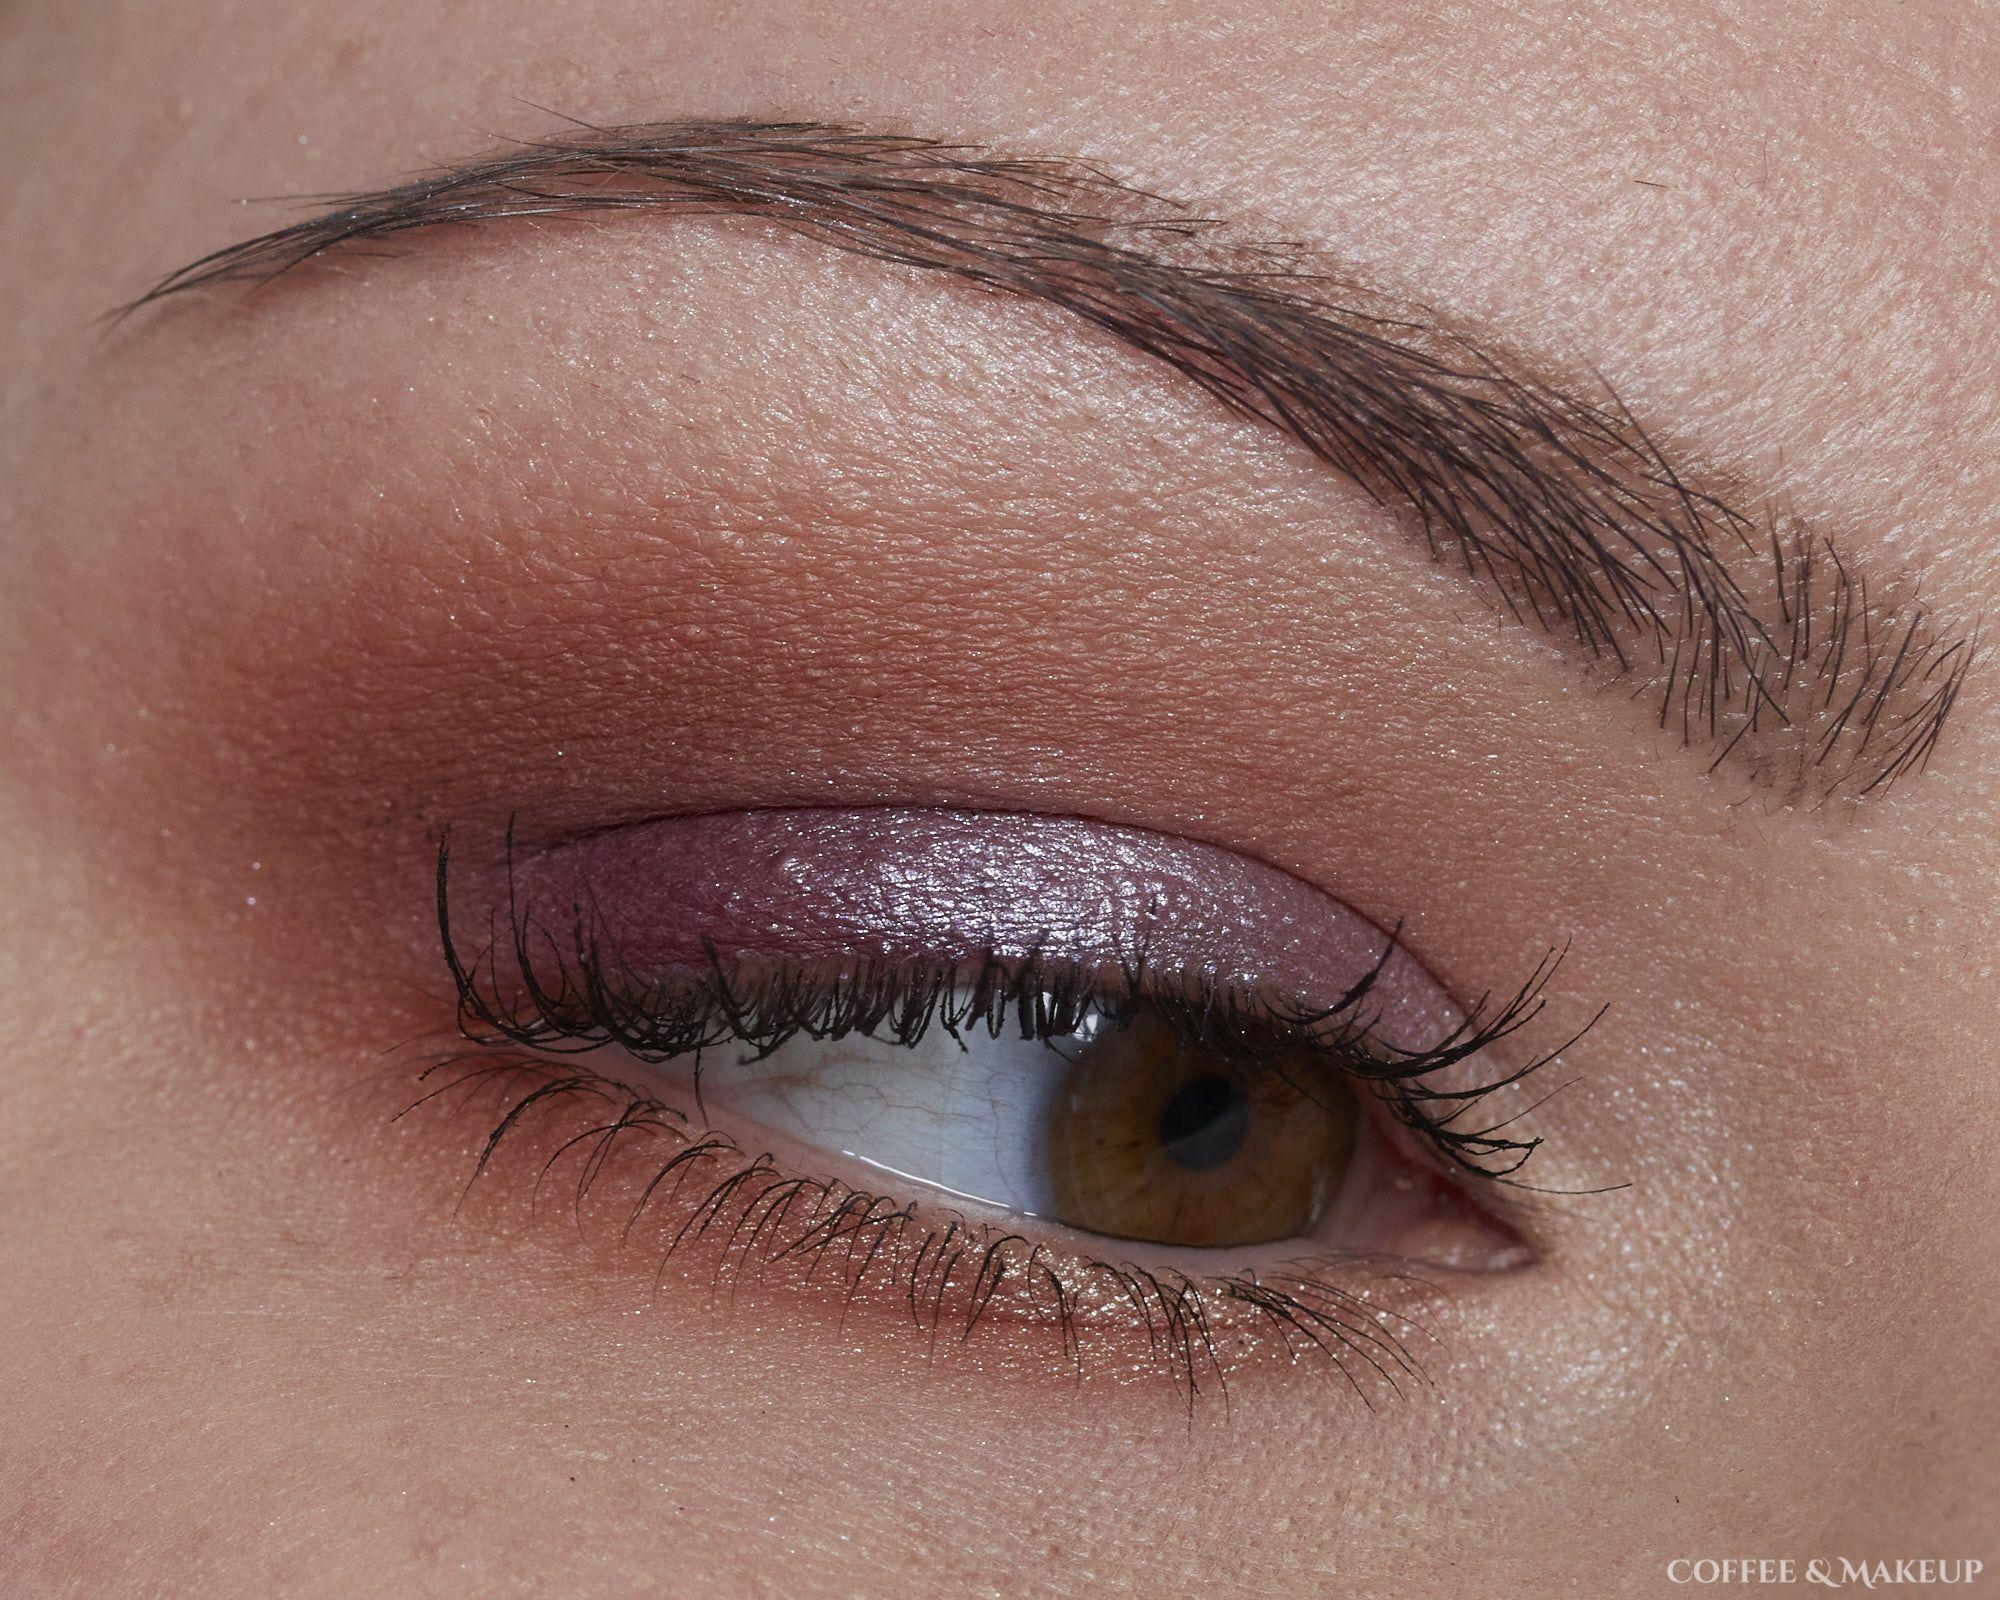 Makeup Geek Eyeshadow Look 8 by in 2020 Makeup geek